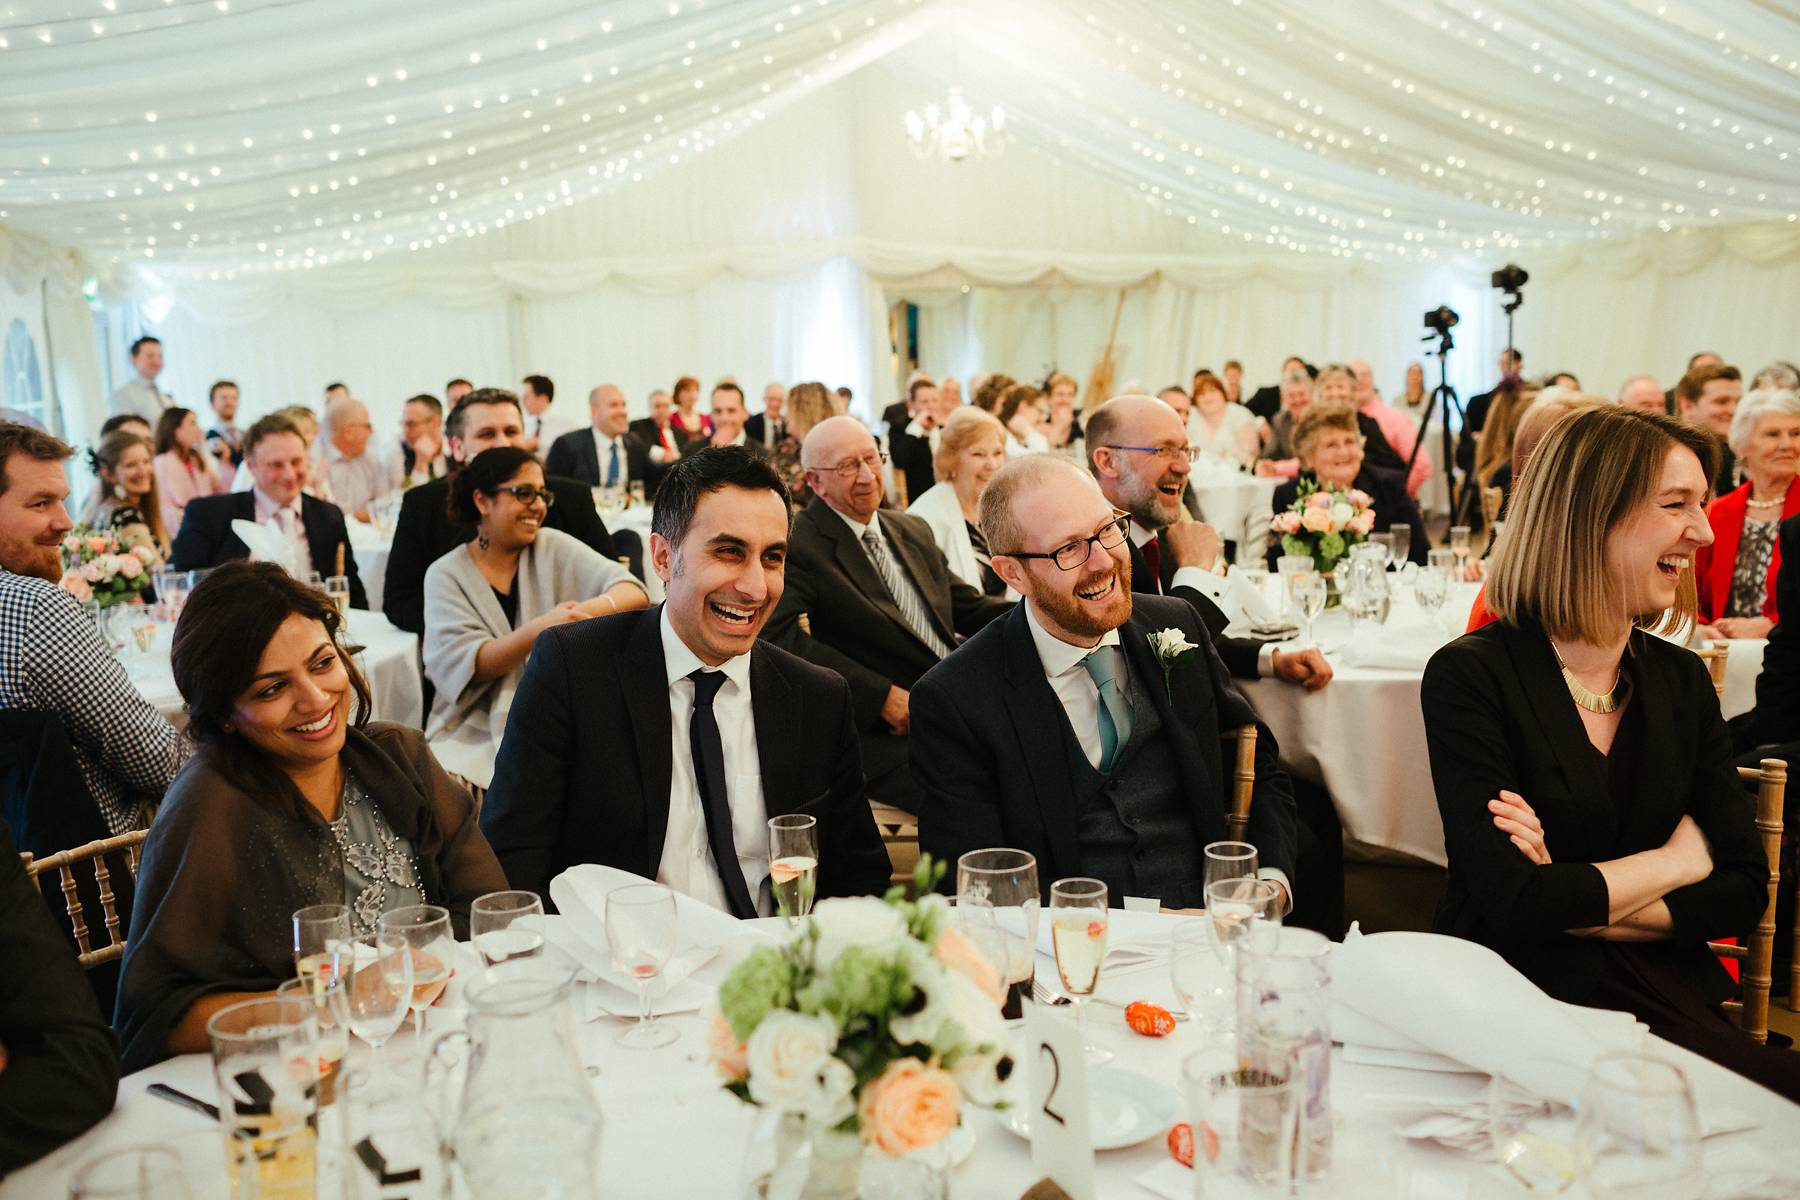 Wedding speeches at Missenden Abbey